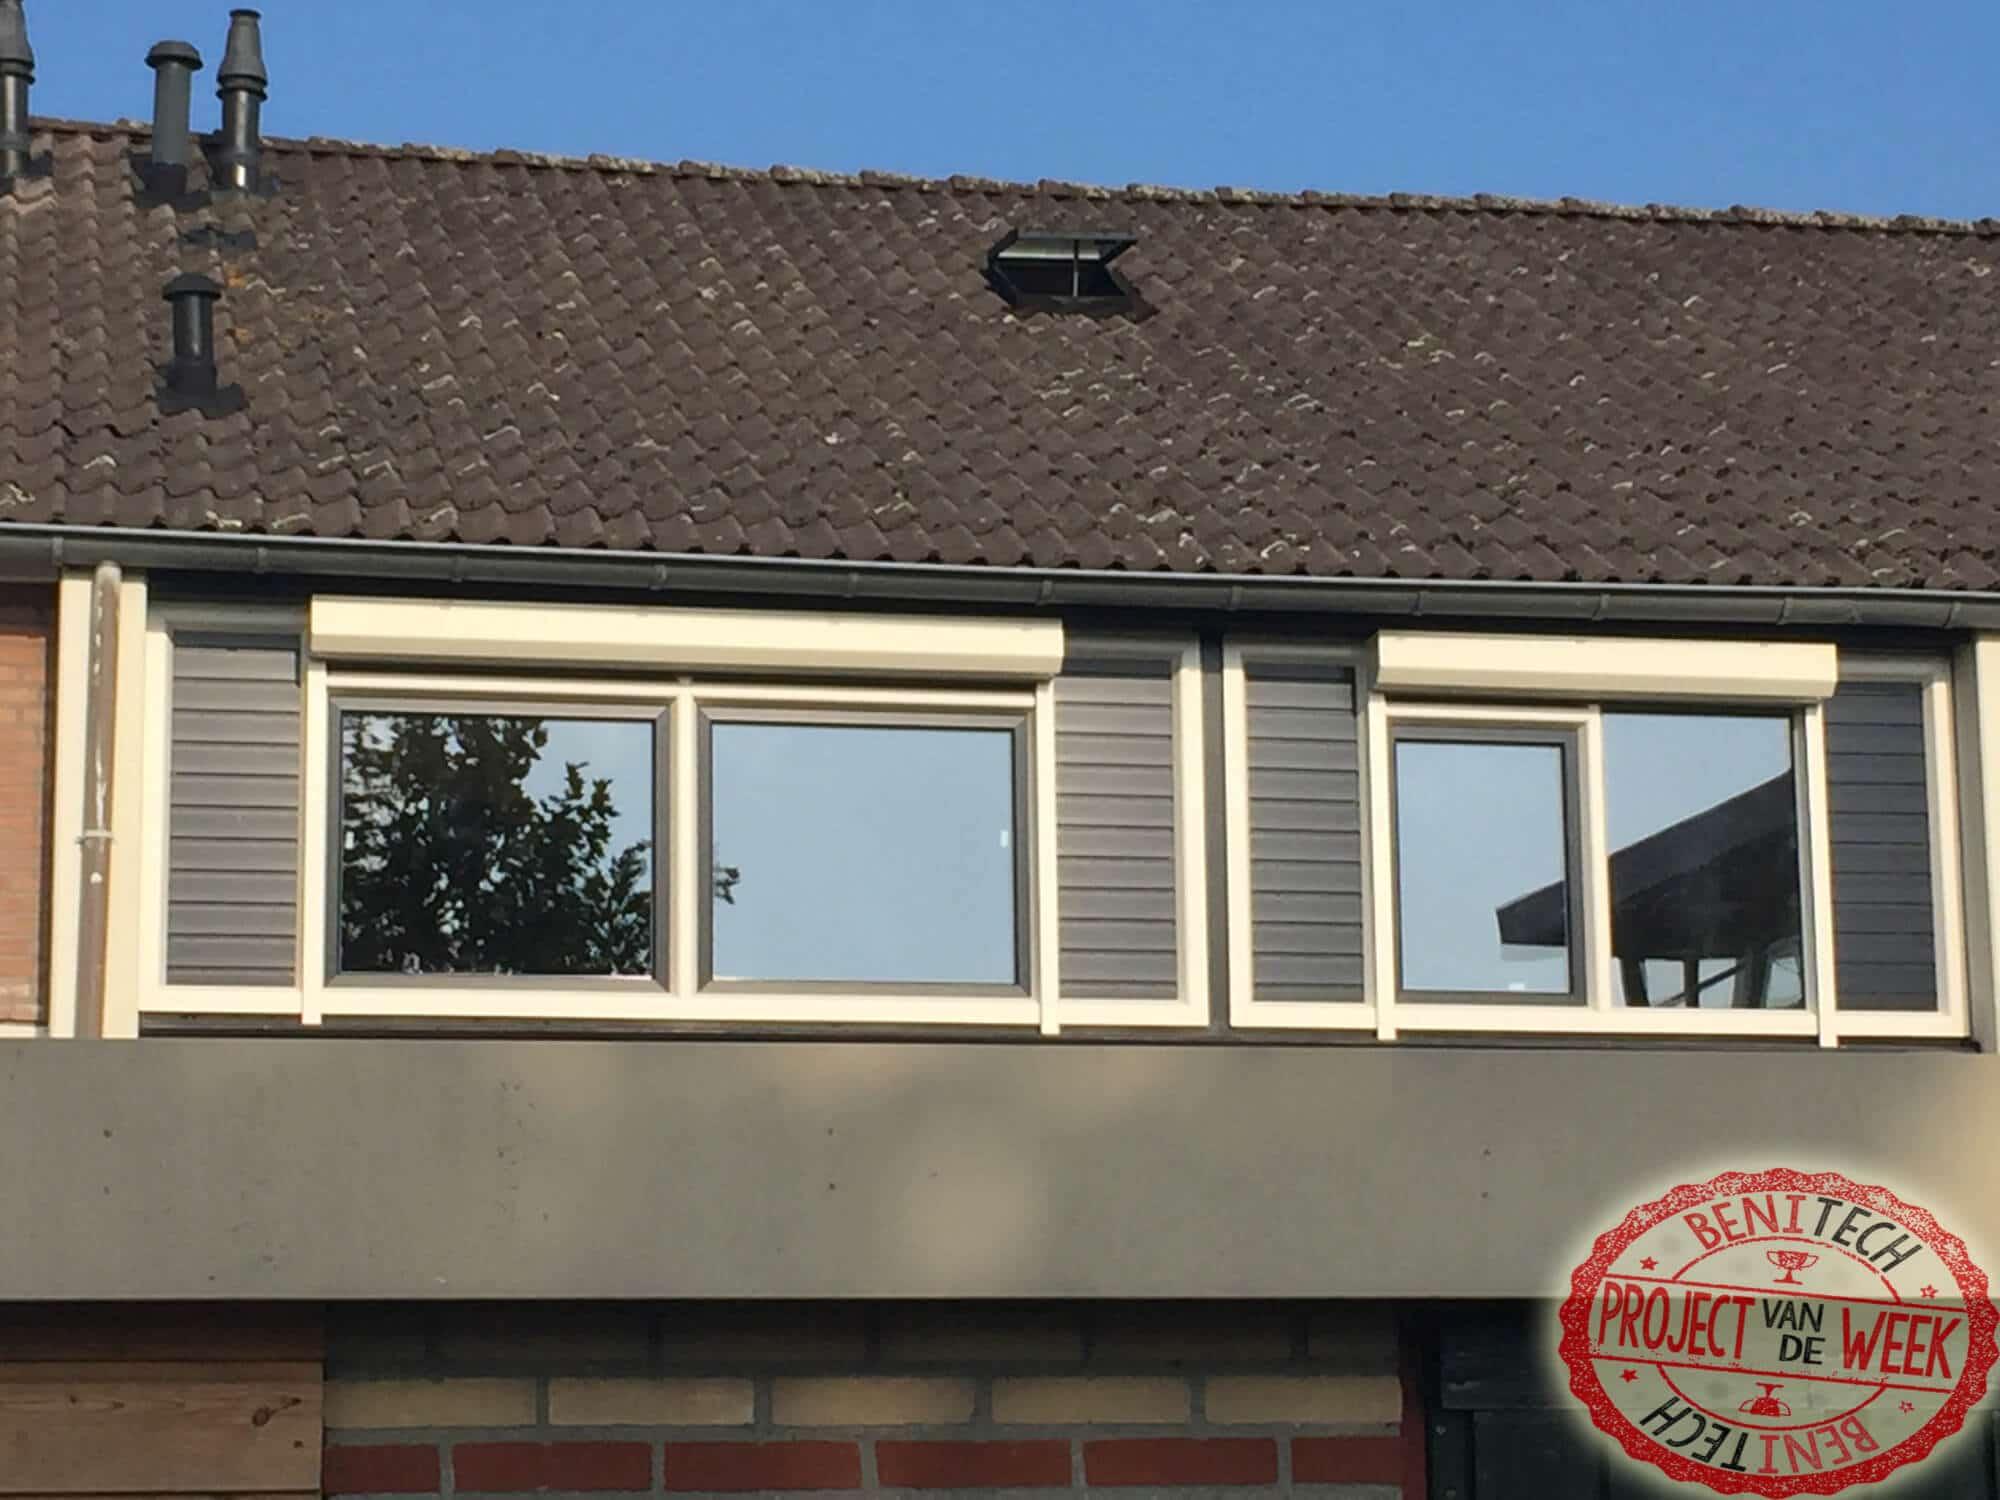 Een renovatie van de achterzijde van onze klant uit Rotterdam is deze week het project van de week!